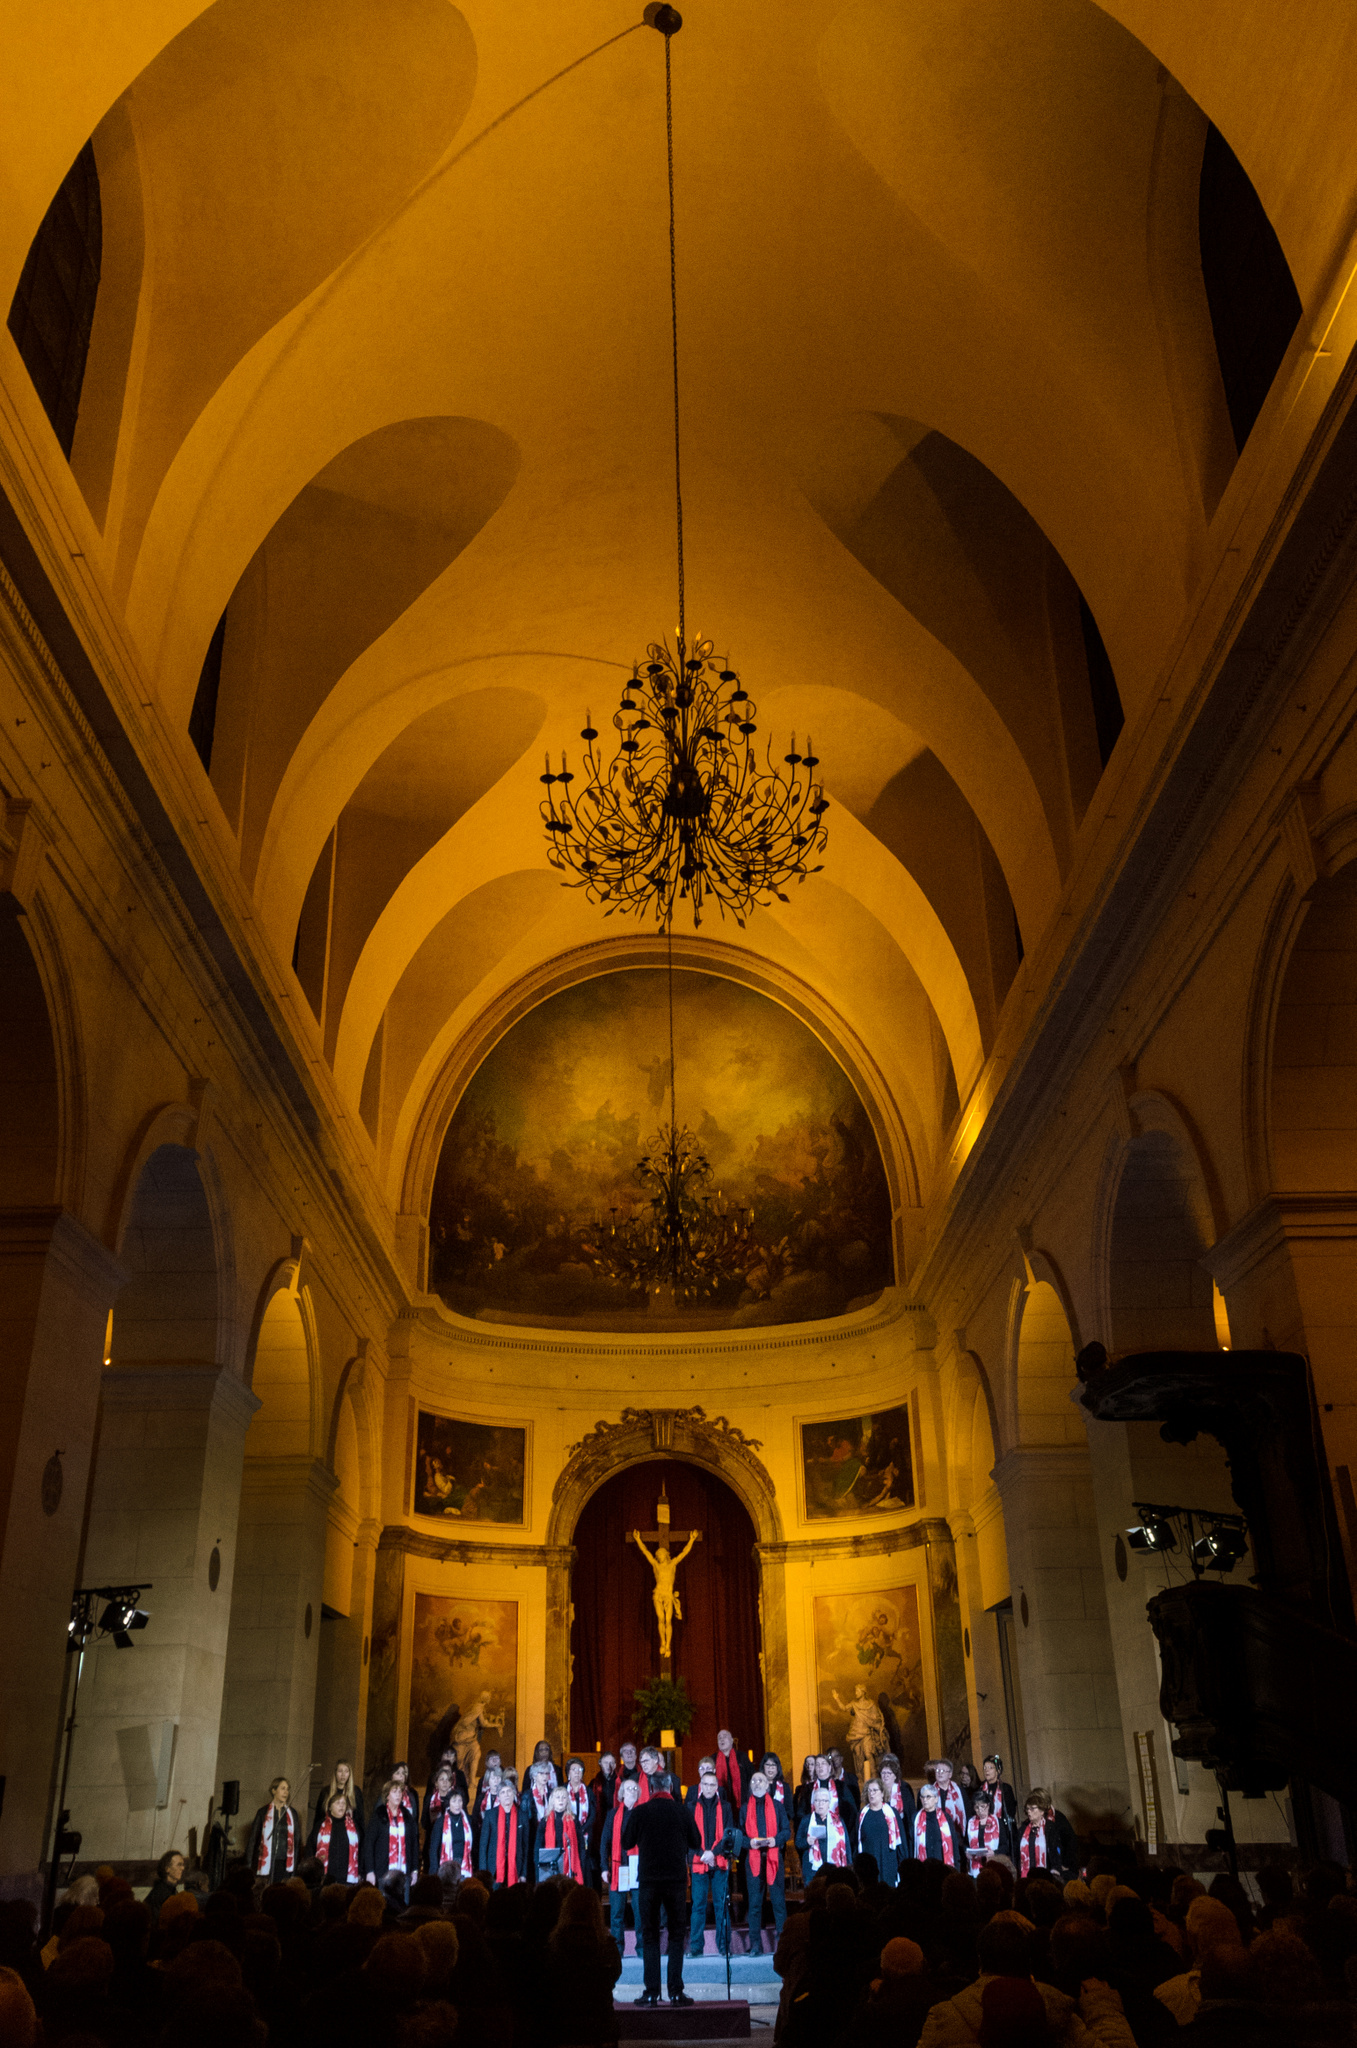 """Concert """"Noël des 4 coins du Monde"""" - Chorale Atout Choeur, Chorale Saint André - Cathédrale Saint-Louis-et-Saint-Nicolas de Choisy-le-Roi, 16 décembre 2017"""